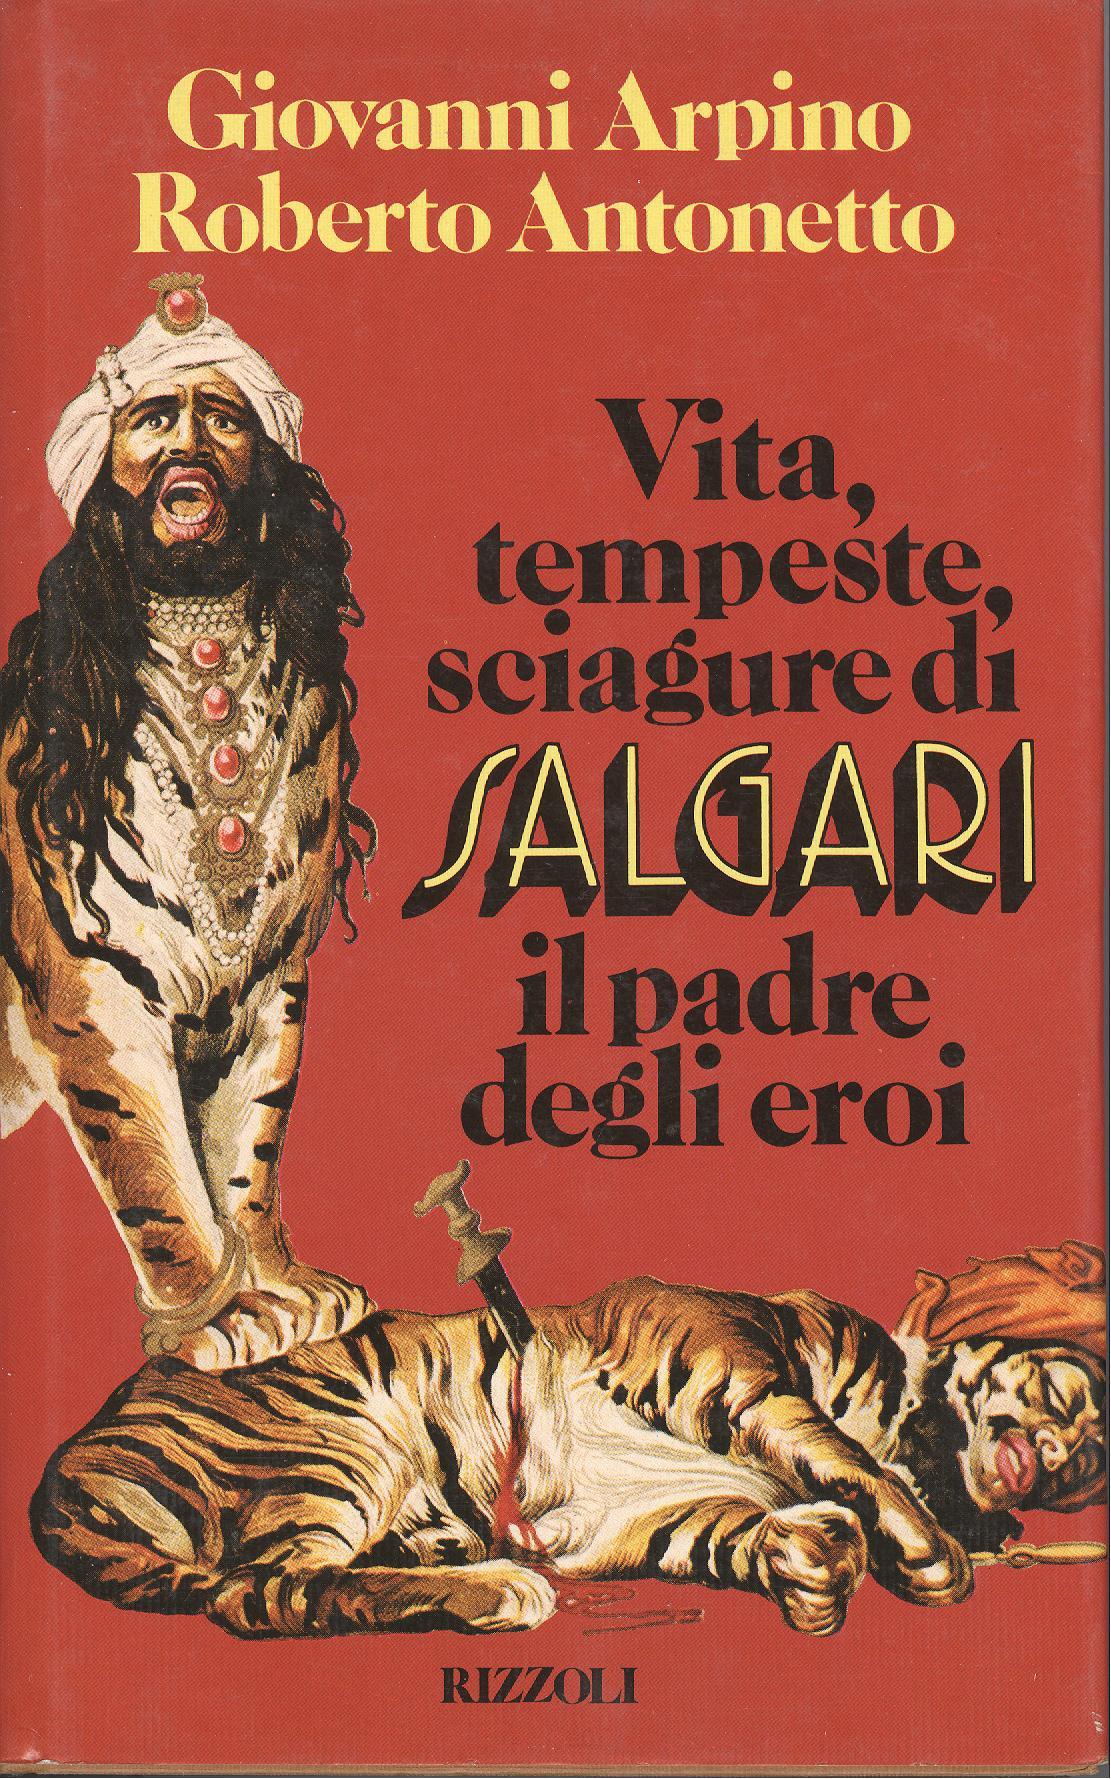 Vita, tempeste, sciagure di Salgari, il padre degli eroi